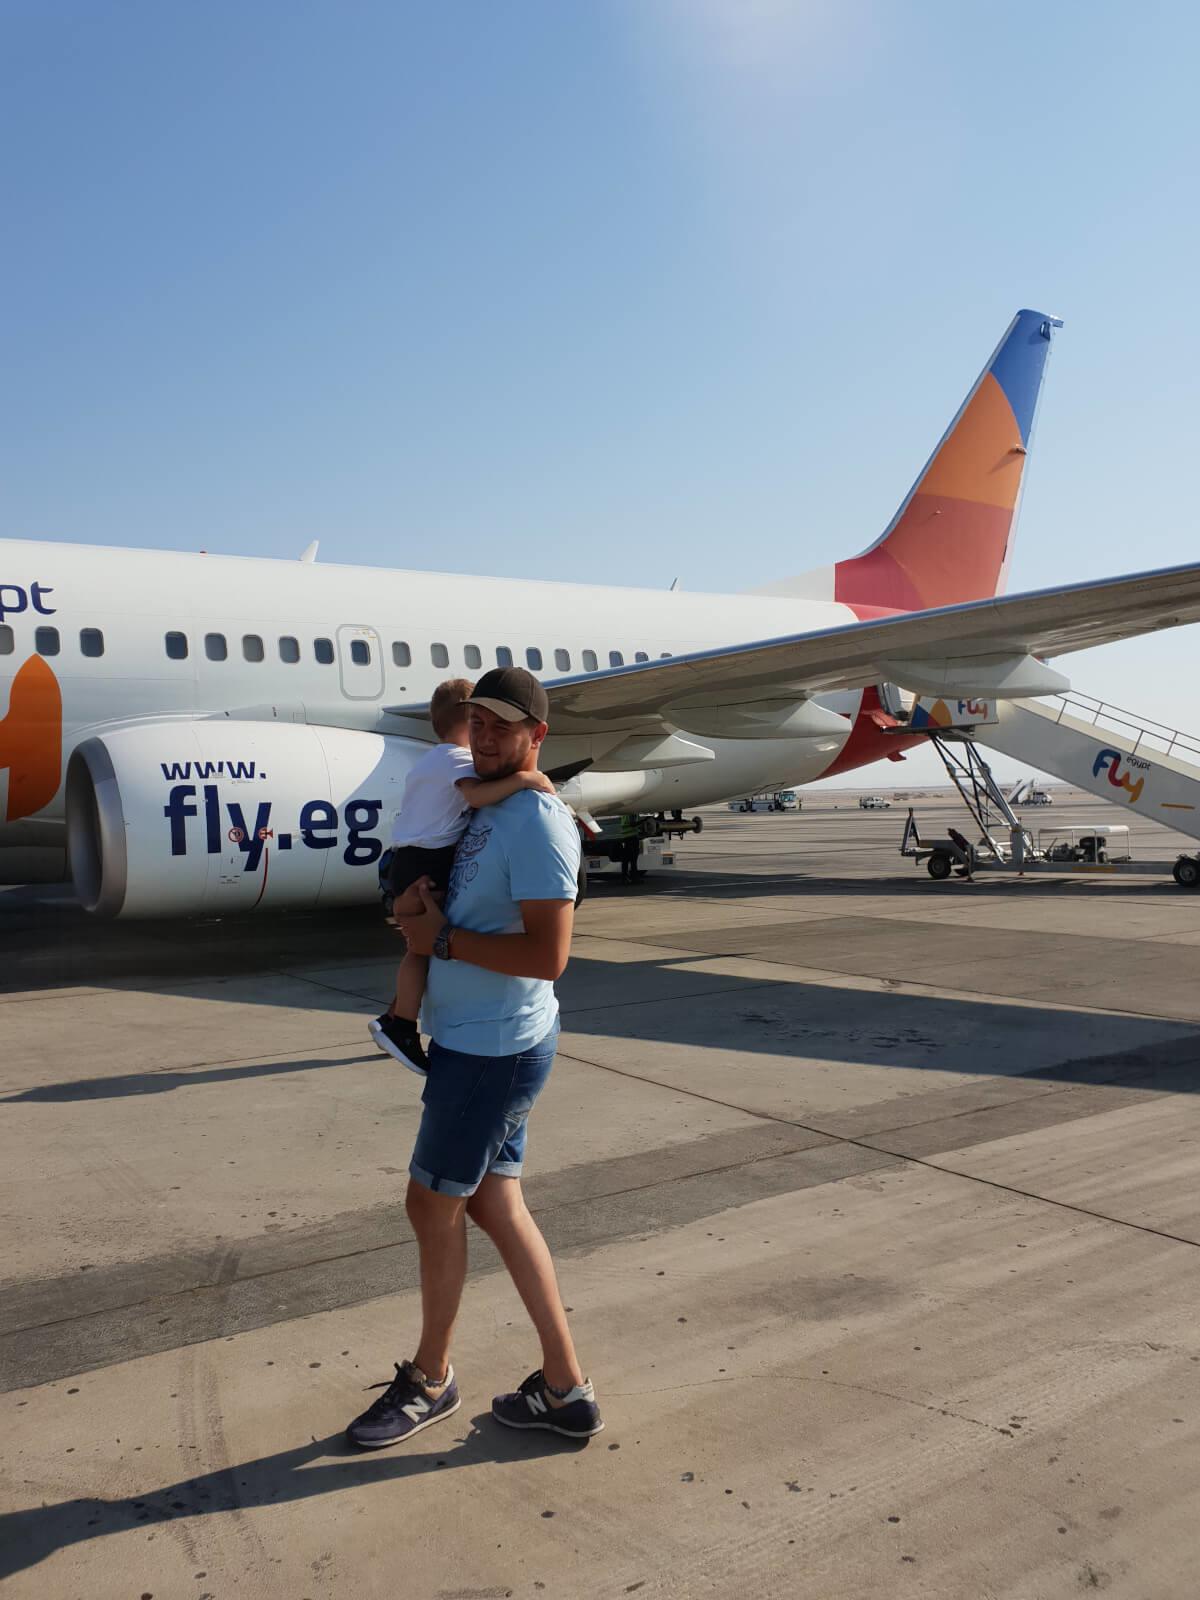 putovanje zrakoplovom